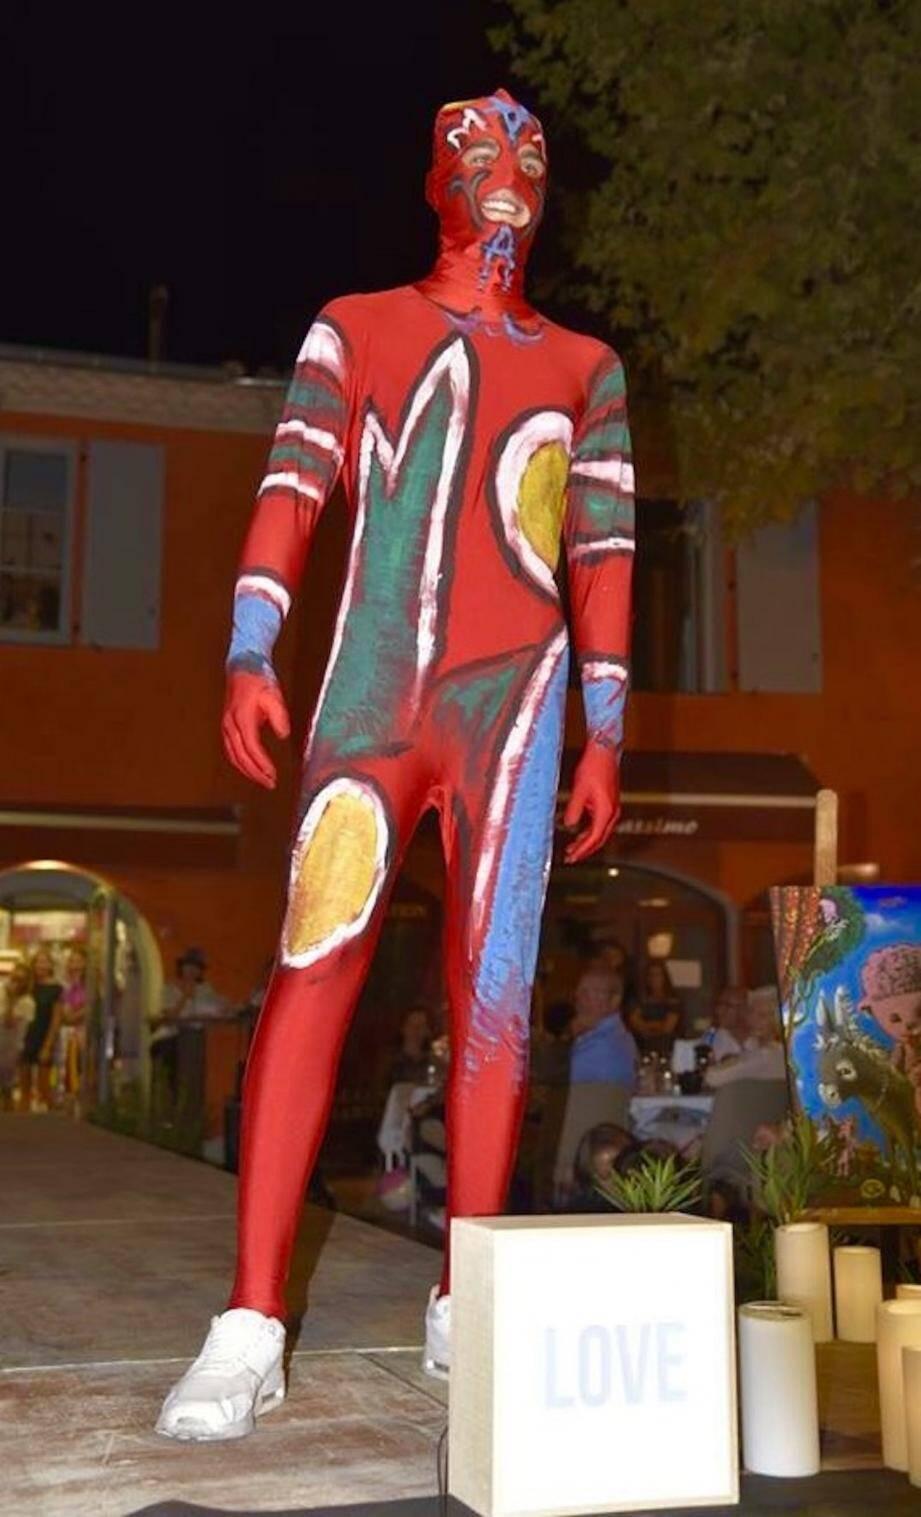 Le défilé de mode des artistes est toujours un moment très attendu par les visiteurs.